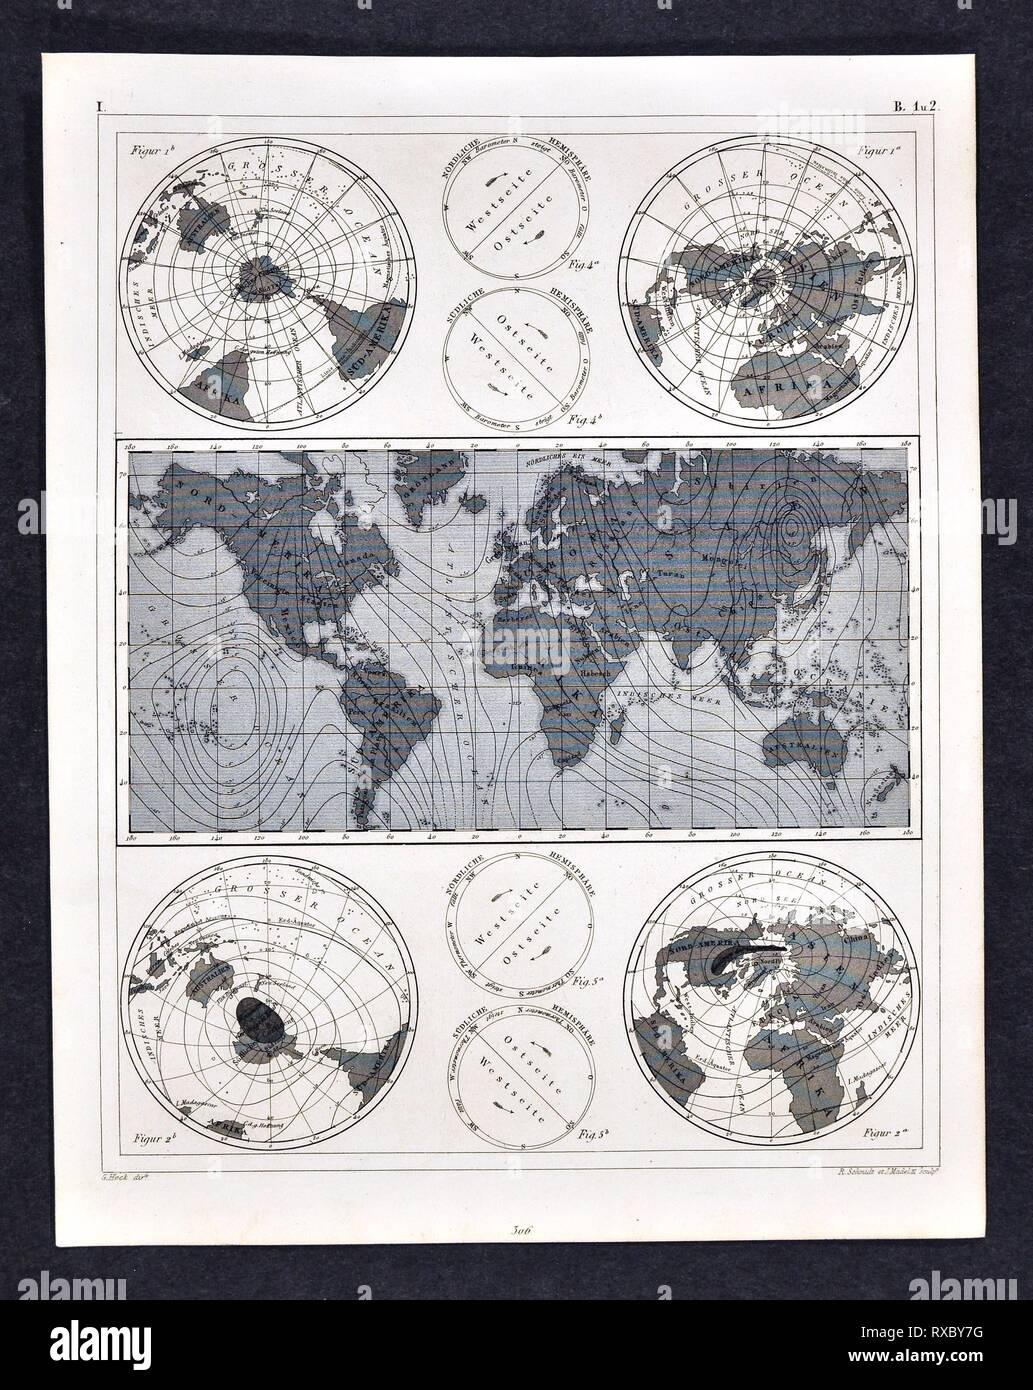 1849 Bilder Atlas mappa del mondo che mostra i campi magnetici Immagini Stock